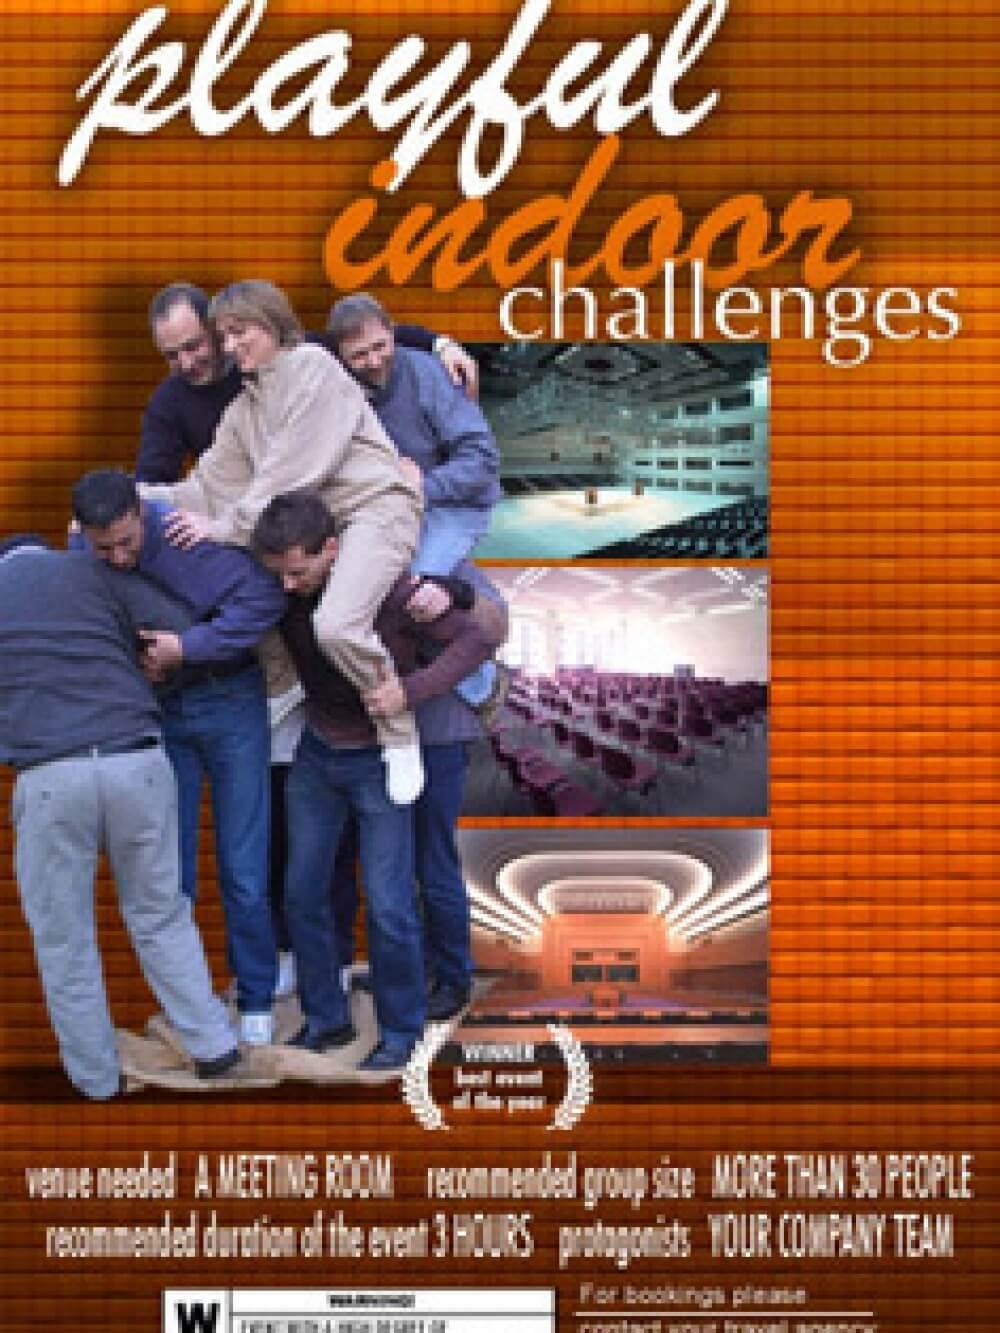 playful_indoor_challenges_vertical_web